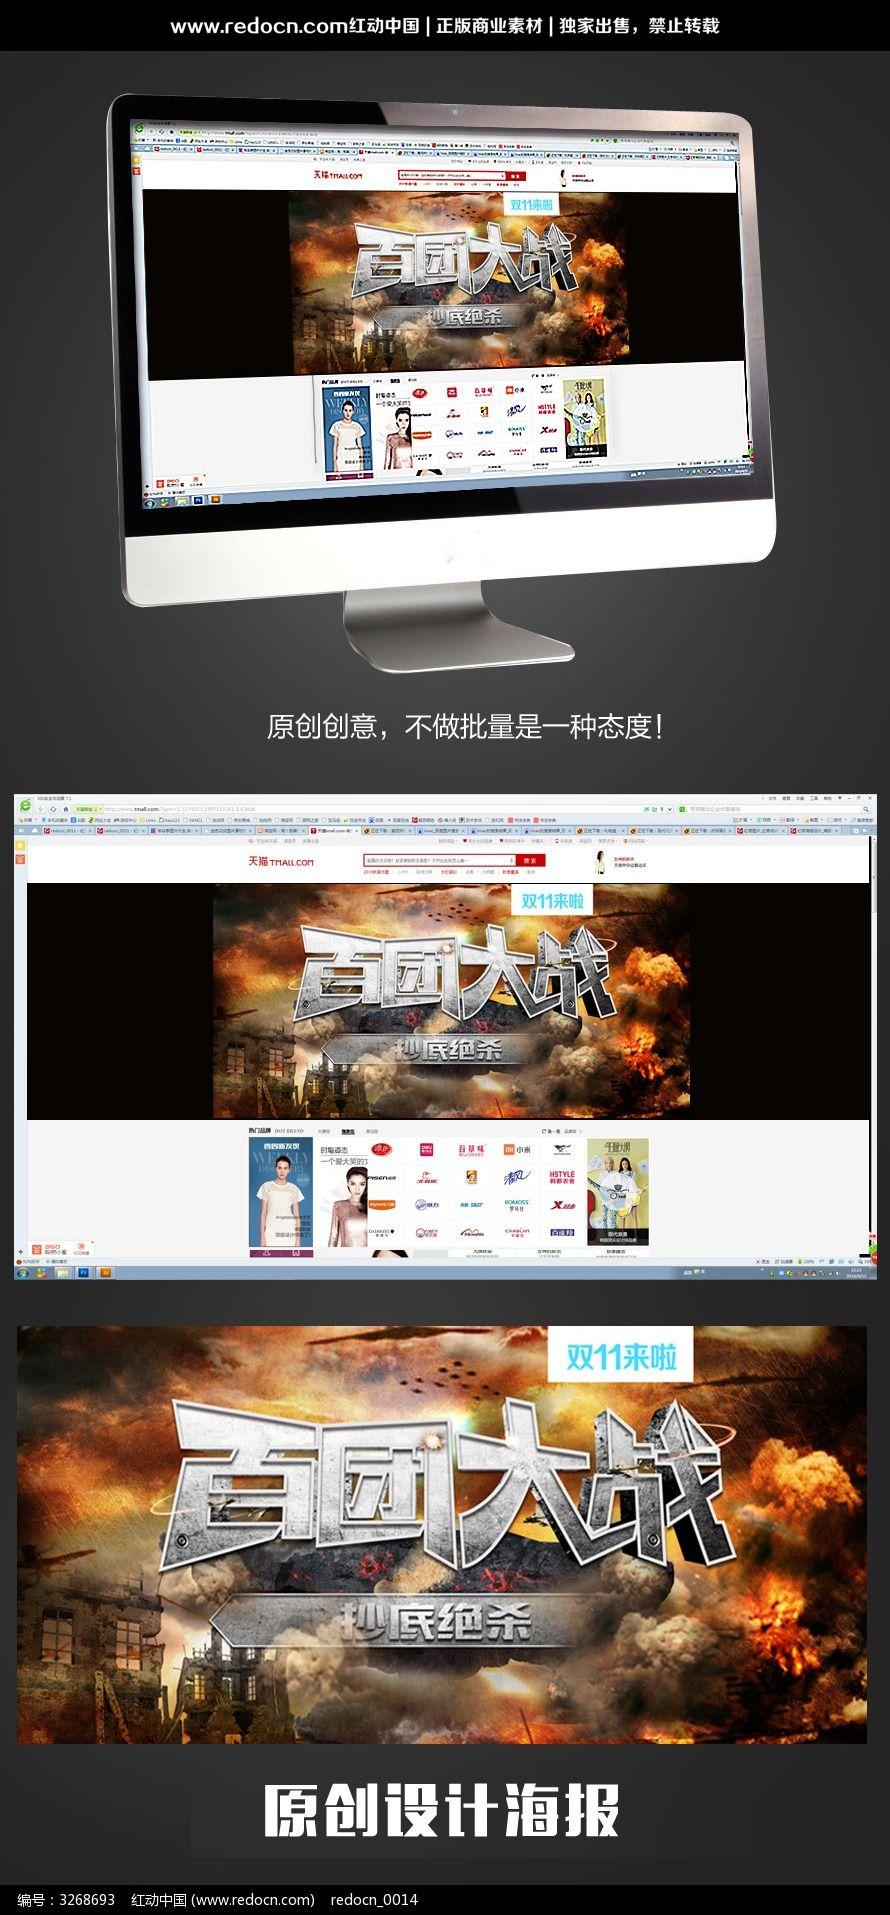 百团大战淘宝双十一促销海报图片